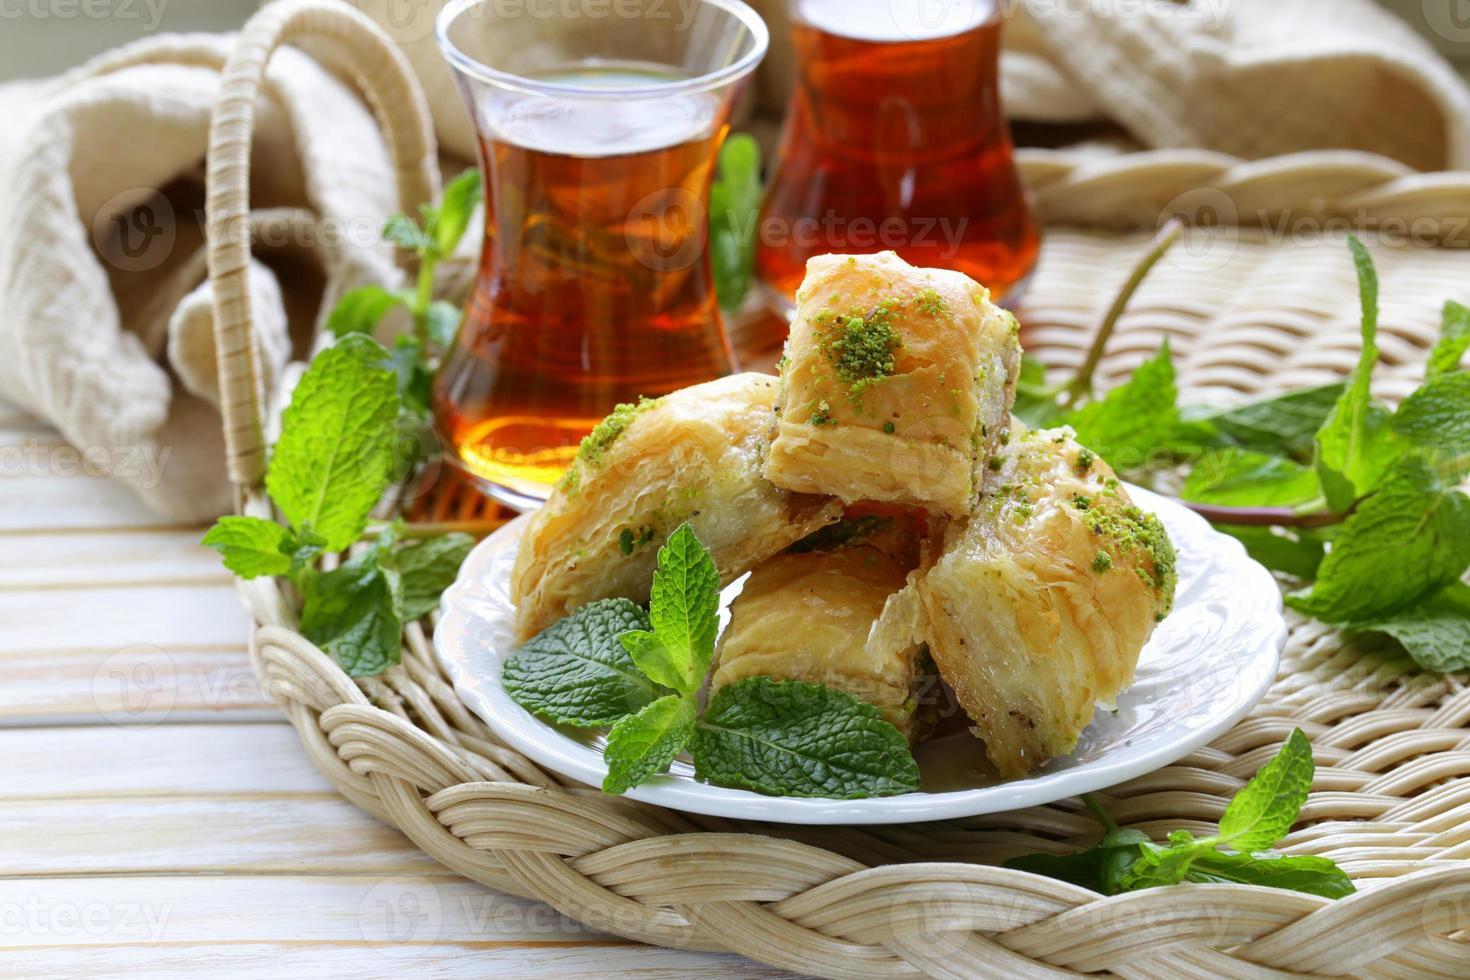 sobremesa árabe turca tradicional - baklava com mel e pistache foto